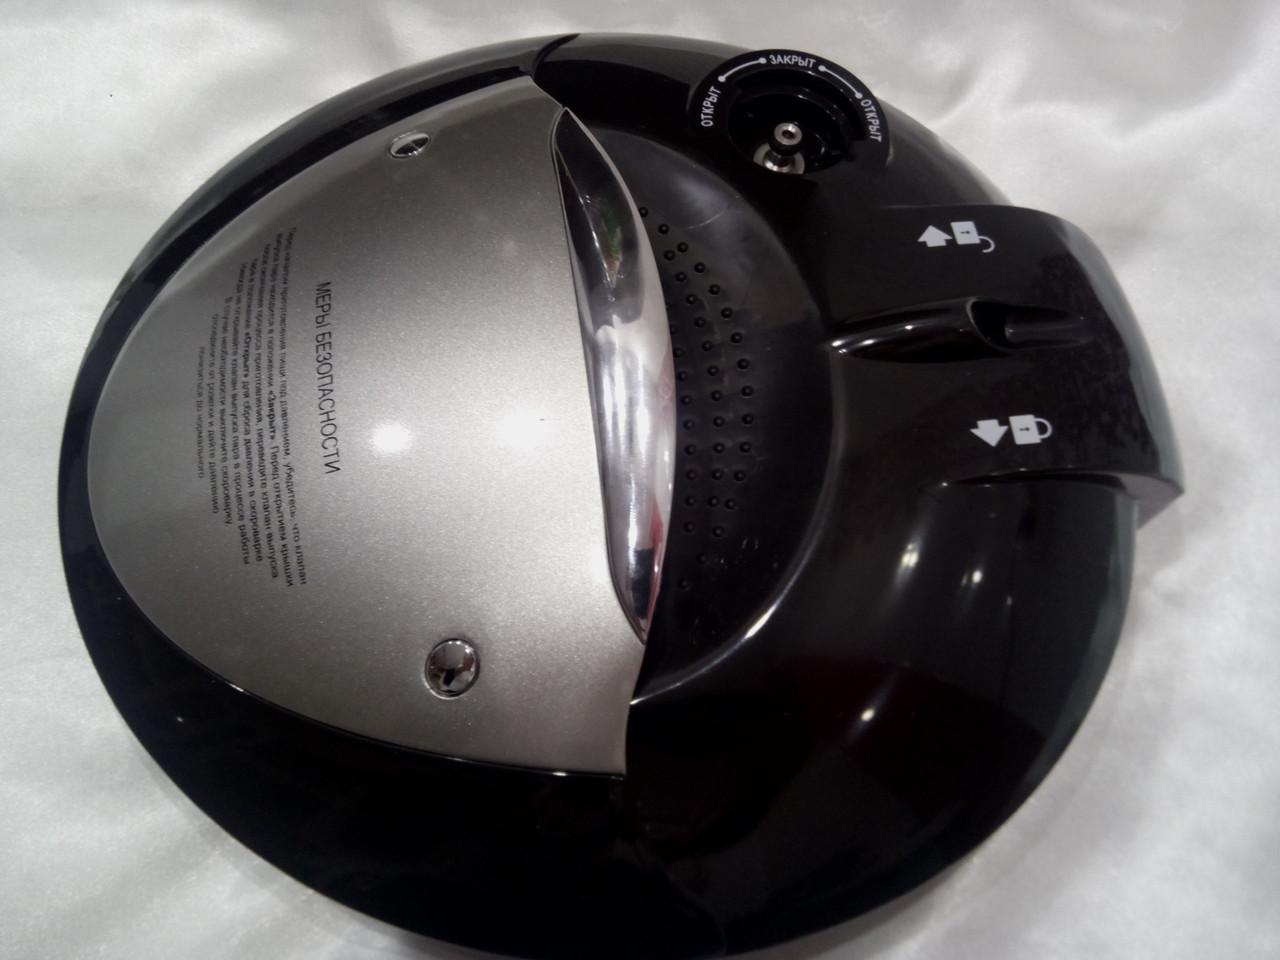 Крышка для мультиварки Redmond RMC-M4504